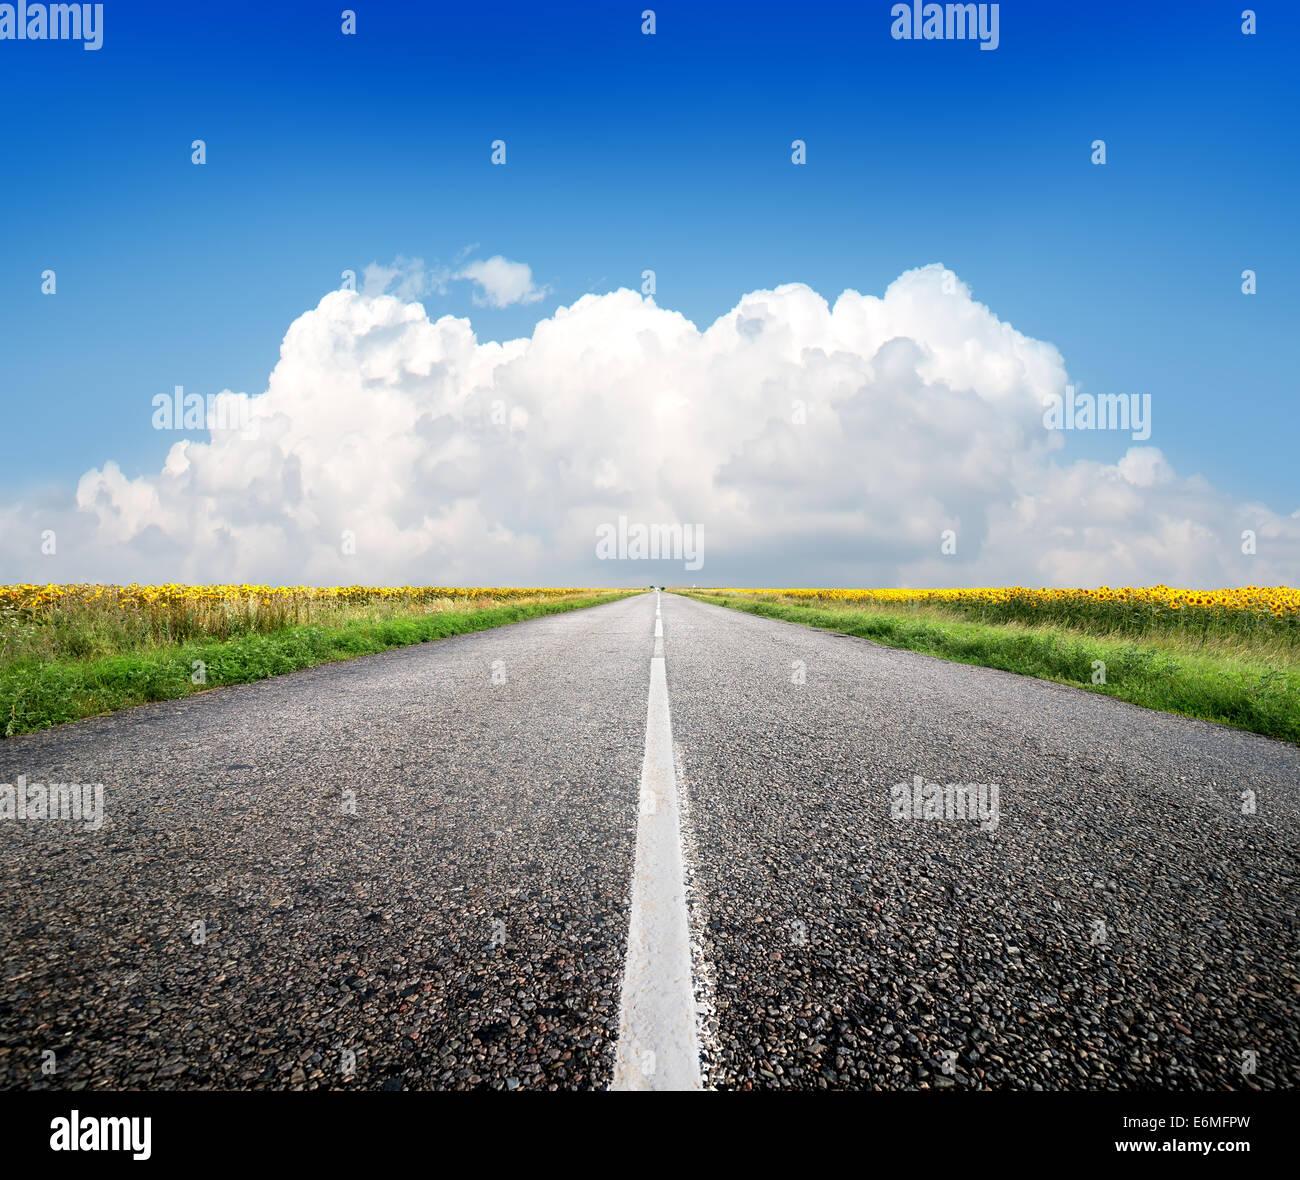 Autostrada attraverso il campo di girasoli e cielo blu Immagini Stock